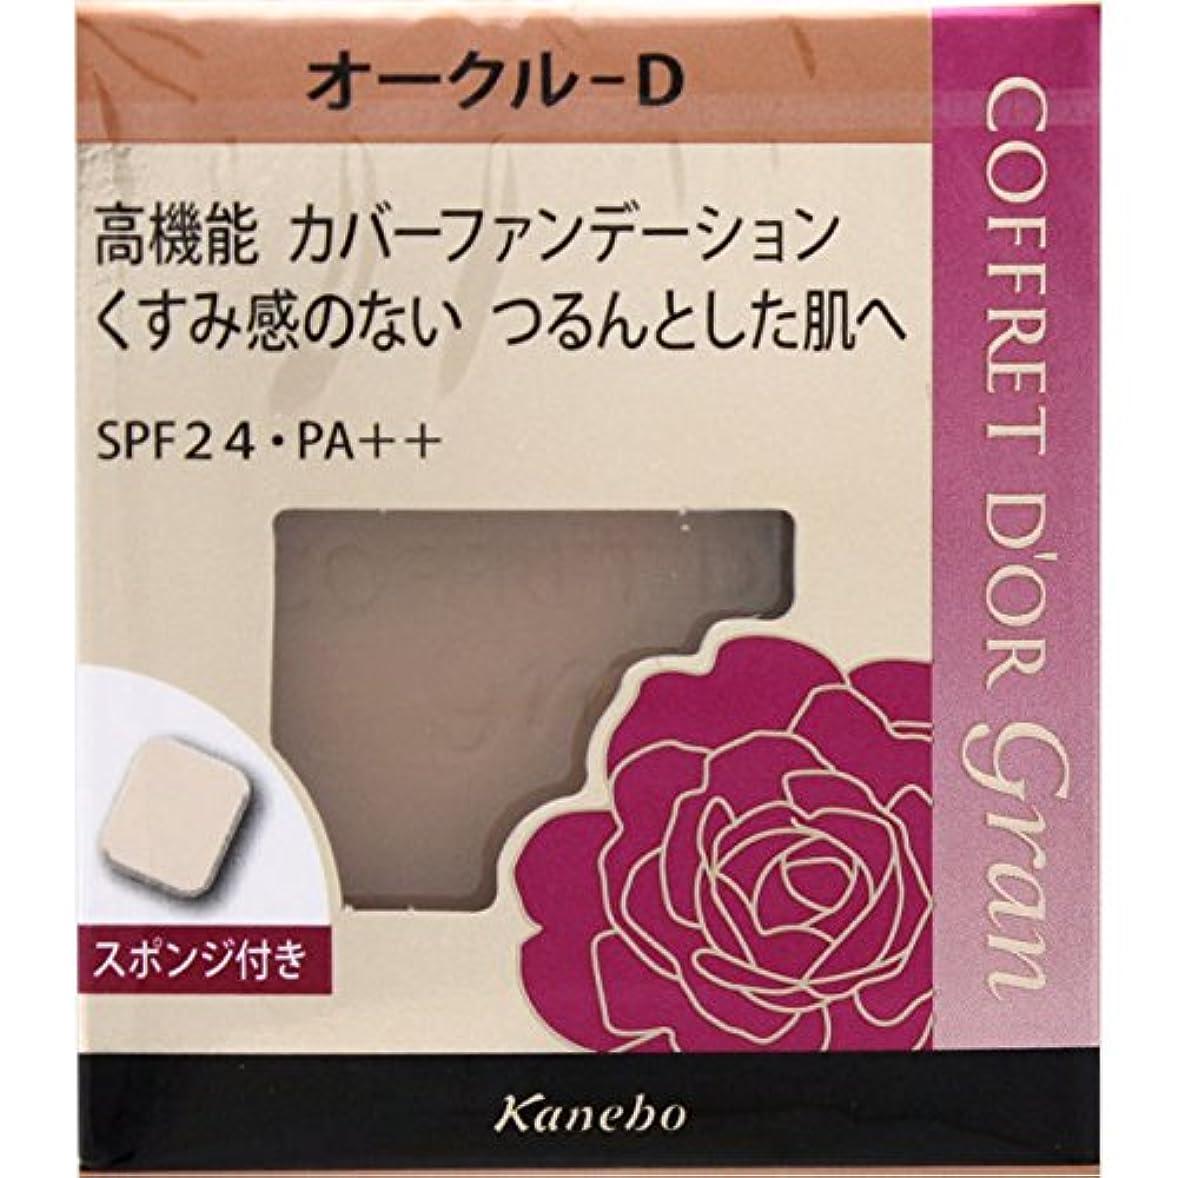 フェッチ討論合体カネボウ(Kanebo) コフレドールグランカバーフィットパクトUVII《10.5g》<カラー:オークルD>